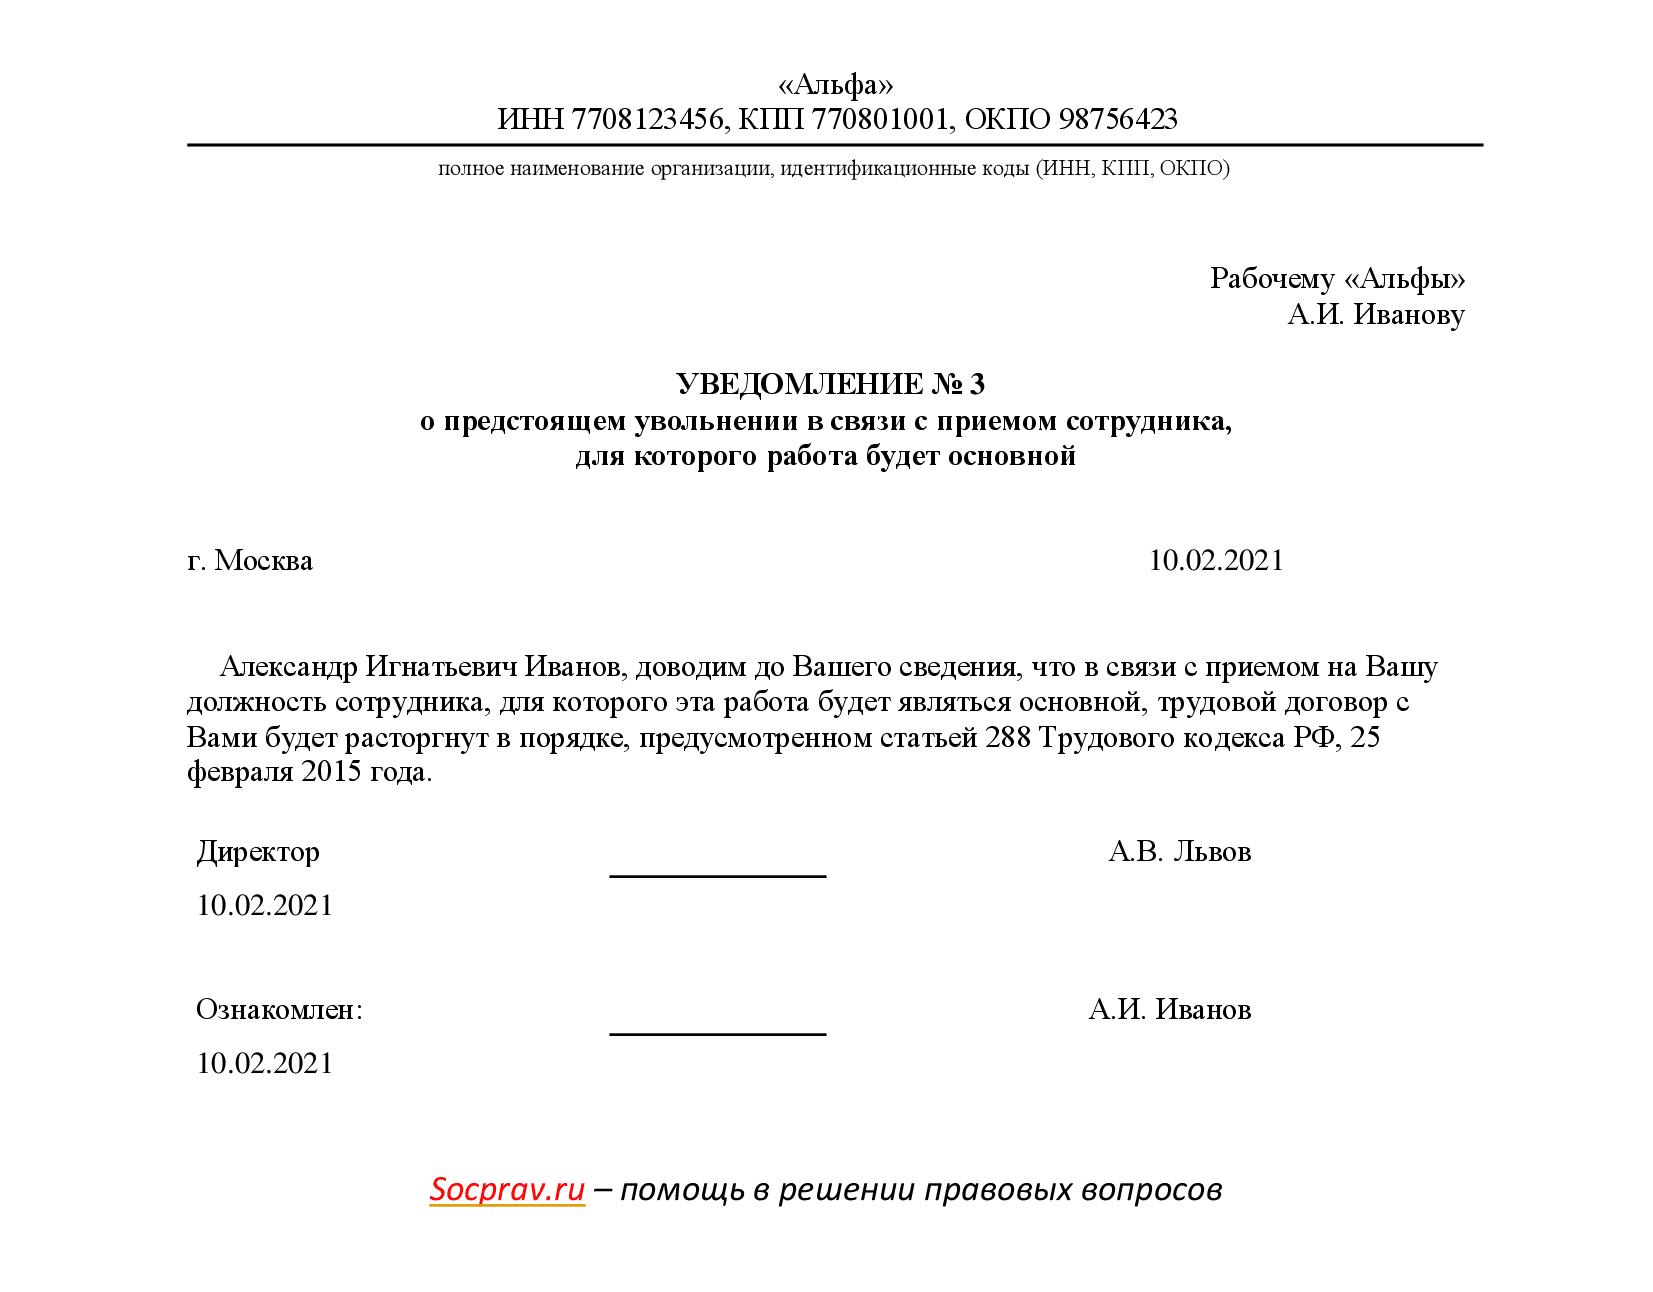 Уведомление совместителя о предстоящем увольнении в связи с приемом сотрудника, для которого работа будет основной